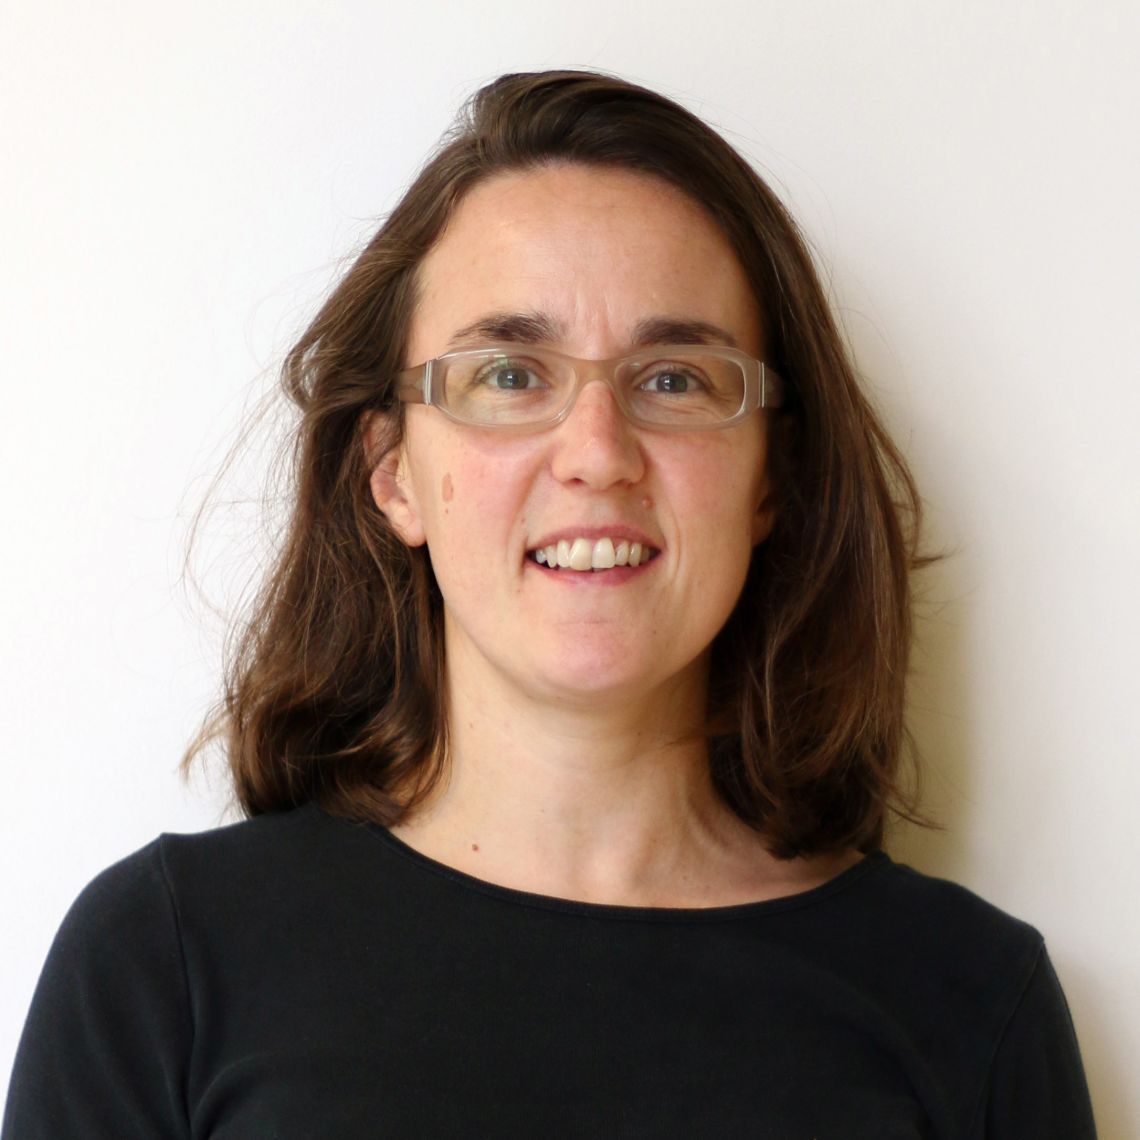 Dr Marion Mafham